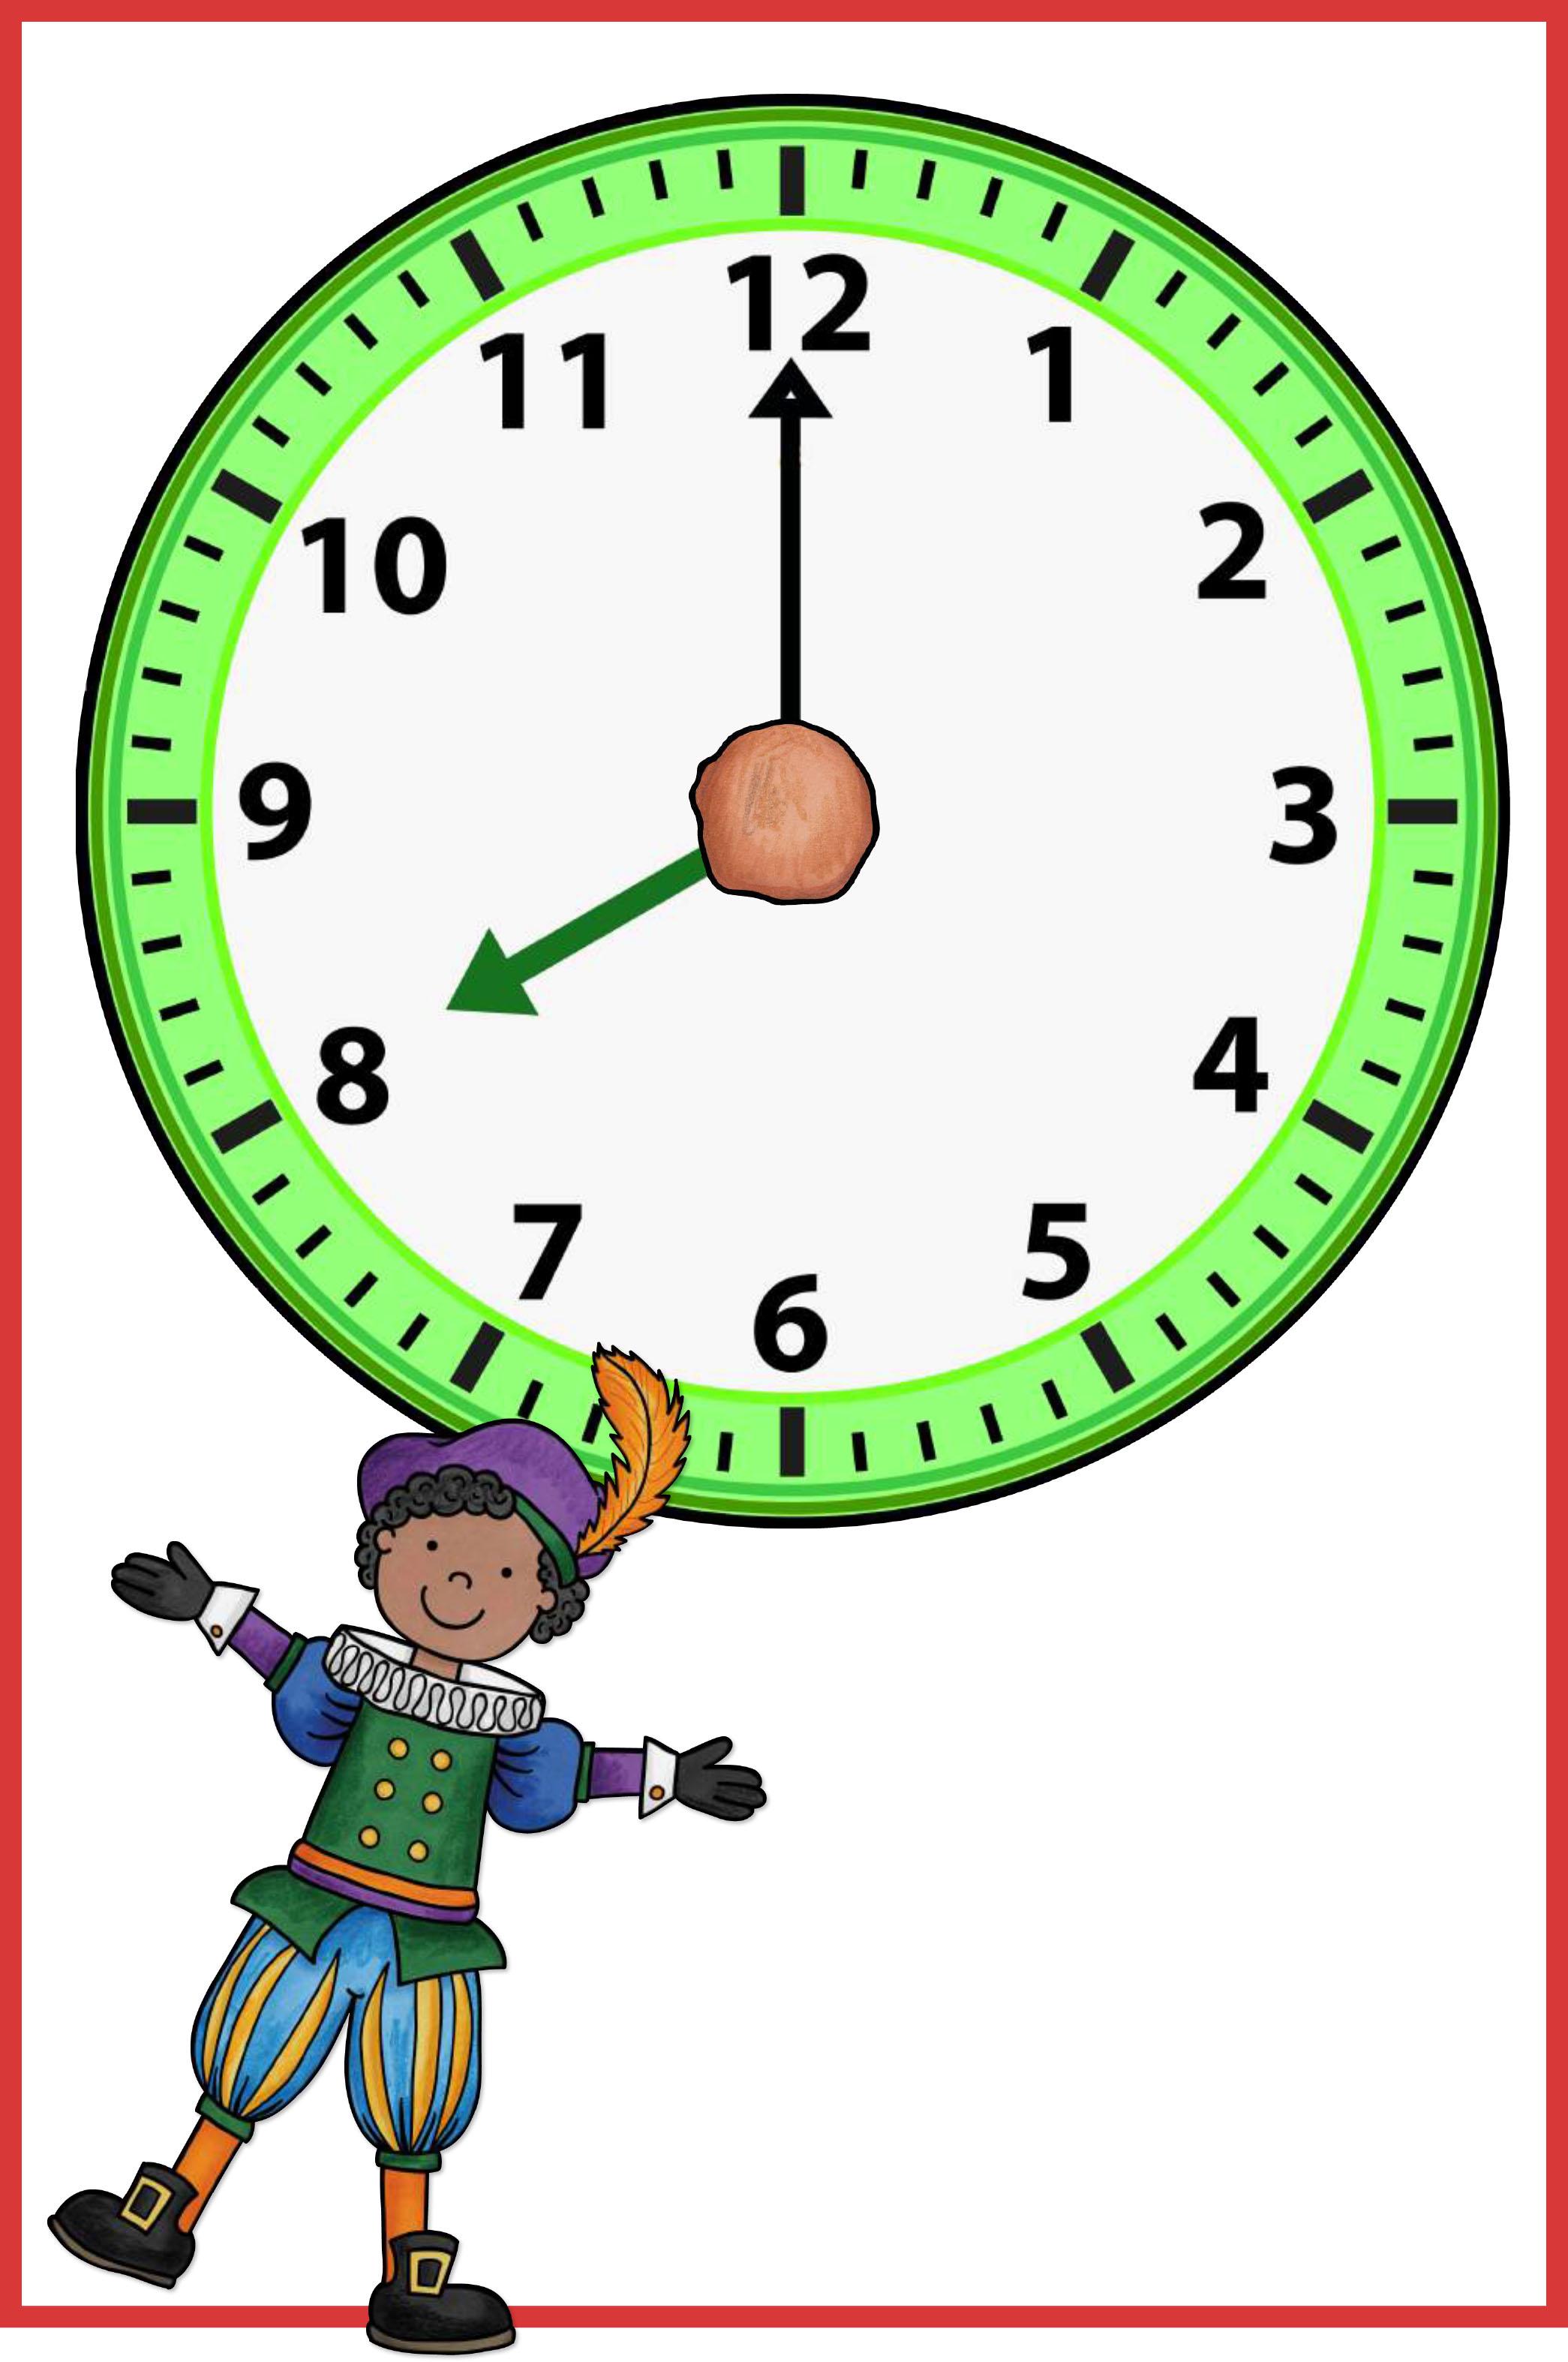 rekenen sinterklaas klokkijken hele uren